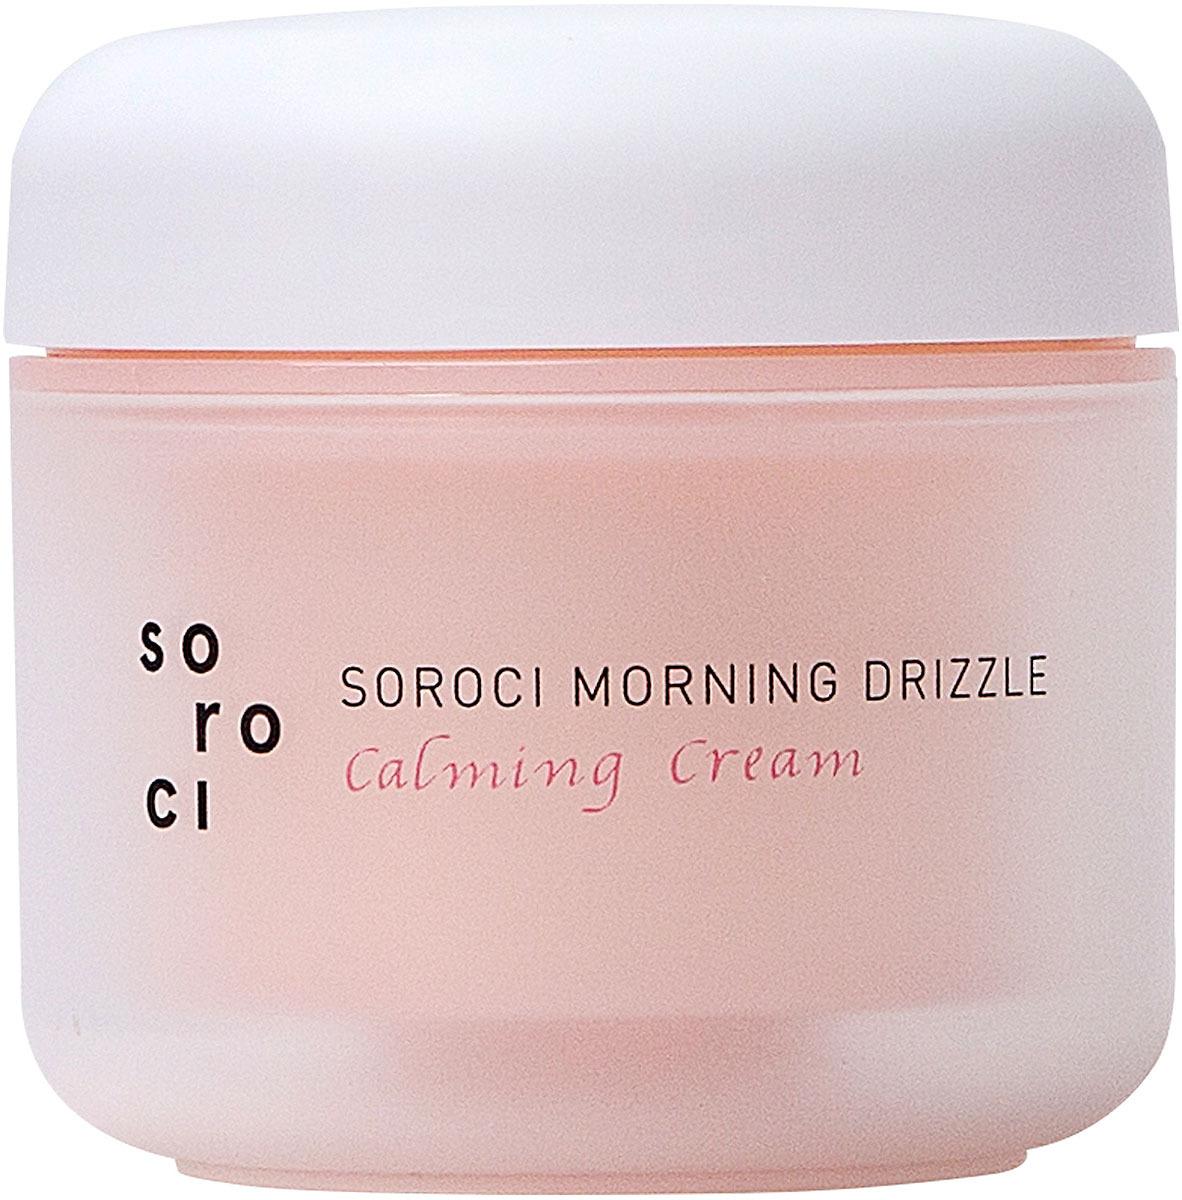 Крем Soroci Morning Drizzle, успокаивающий, 50 млК79Успокаивающий крем для лица обеспечивает длительное увлажнение чувствительной кожи. Крем обладает антивозрастным, увлажняющим и осветляющим действием. Нежная текстура крема моментально впитывается и не оставляет ощущения липкости. Органический экстракт зародышей риса содержит мощный антиоксидант гамма-оризанол, который стимулирует регенерацию кожных покровов. Аденозин уменьшает глубину морщин, выравнивает рельеф кожи. Экстракт черники укрепляет стенки сосудов, повышает эластичность и упругость кожи. Арбутин осветляет пигментные пятна и придает коже здоровое сияние. Тип кожи: любой